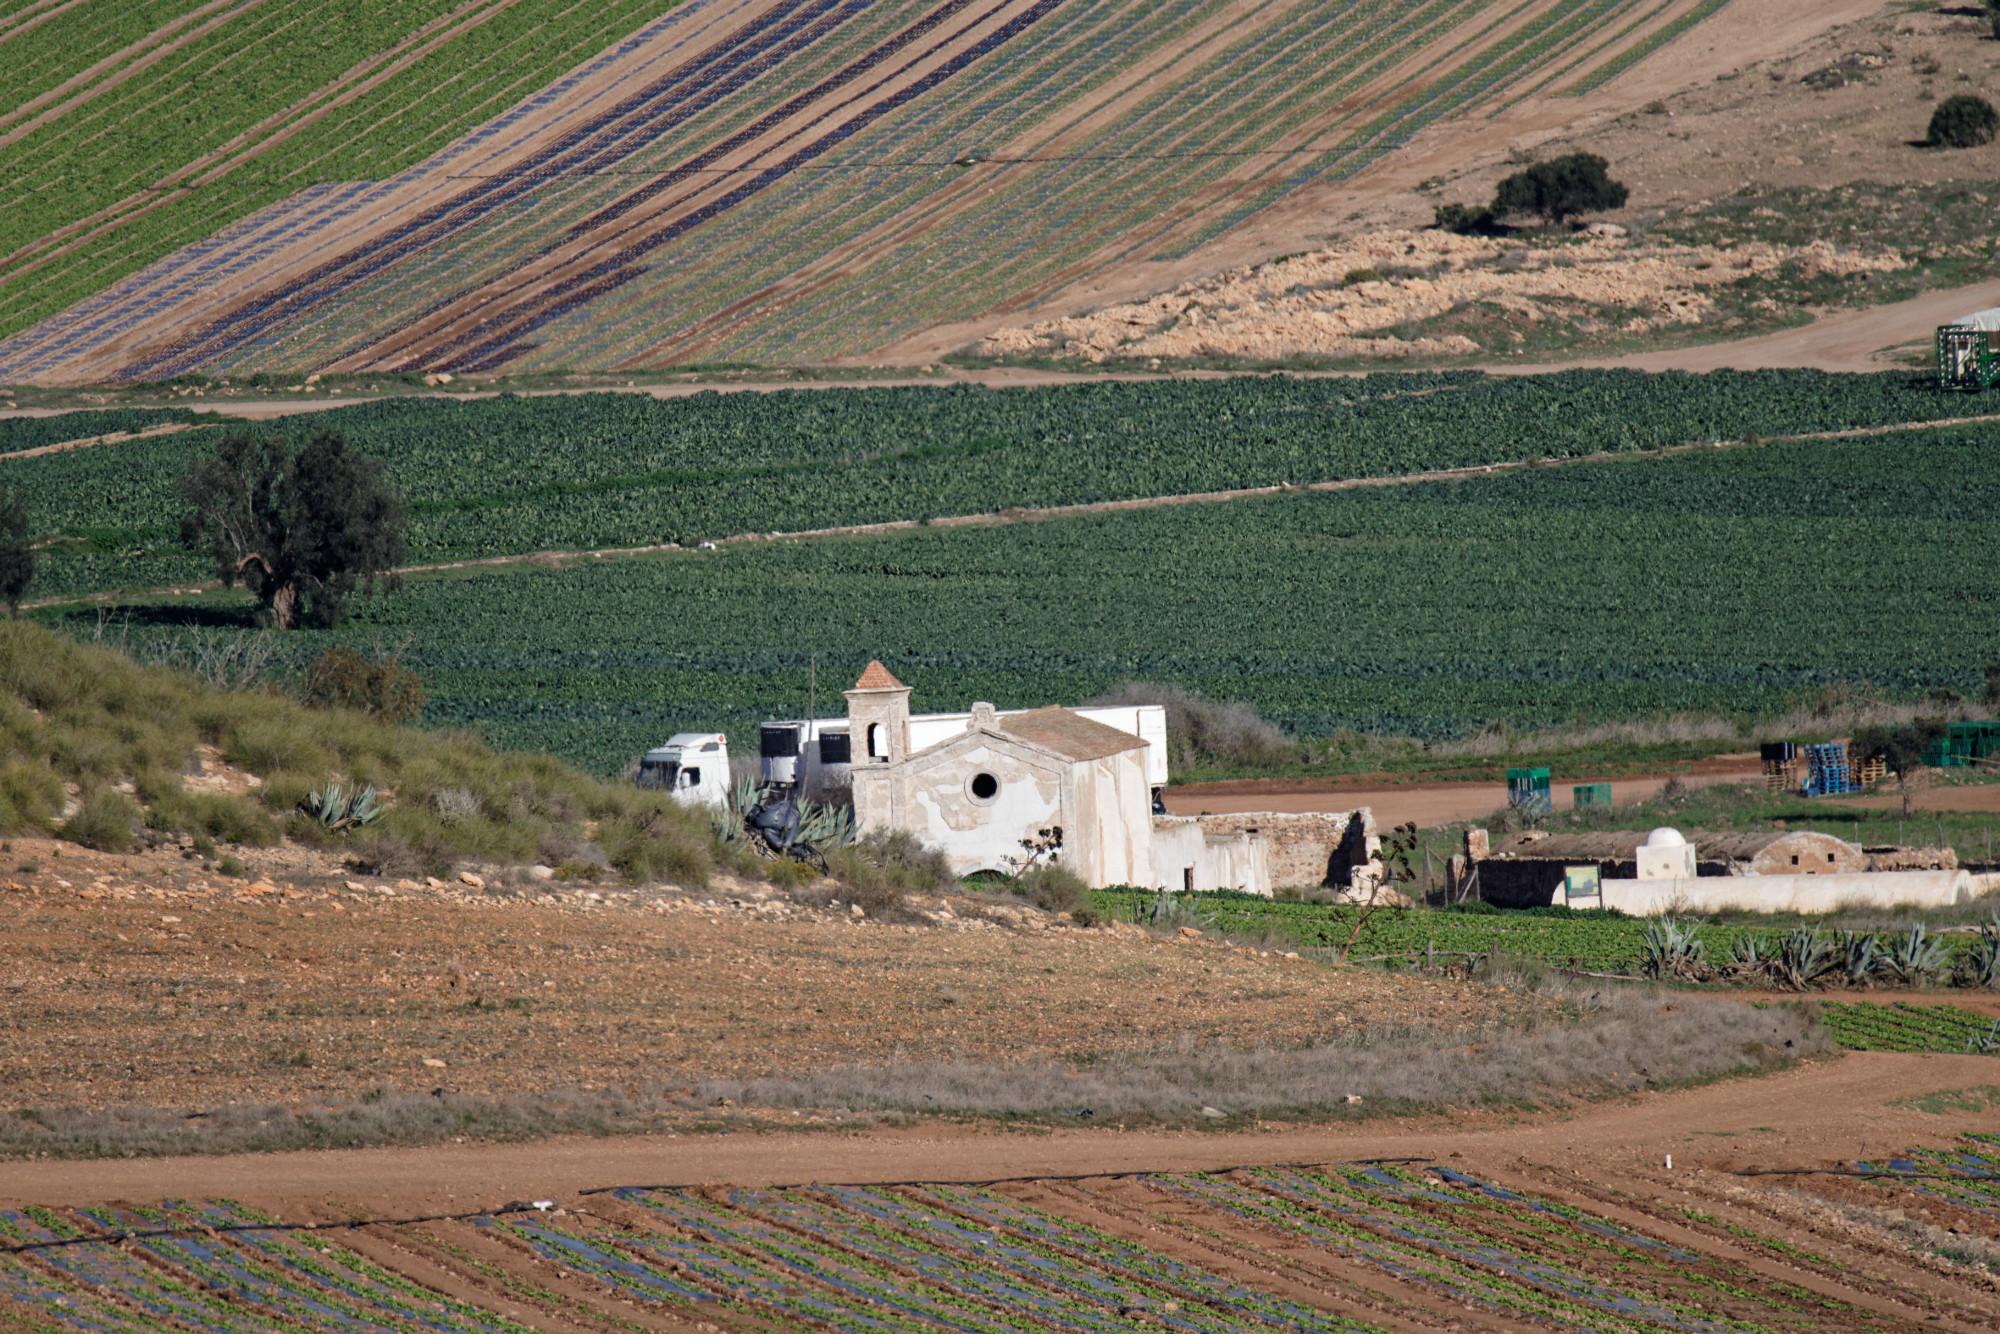 171218-Piste Rodalquilar vers Cortijo del Fraile (Cabo de Gata-Andalousie) (51)